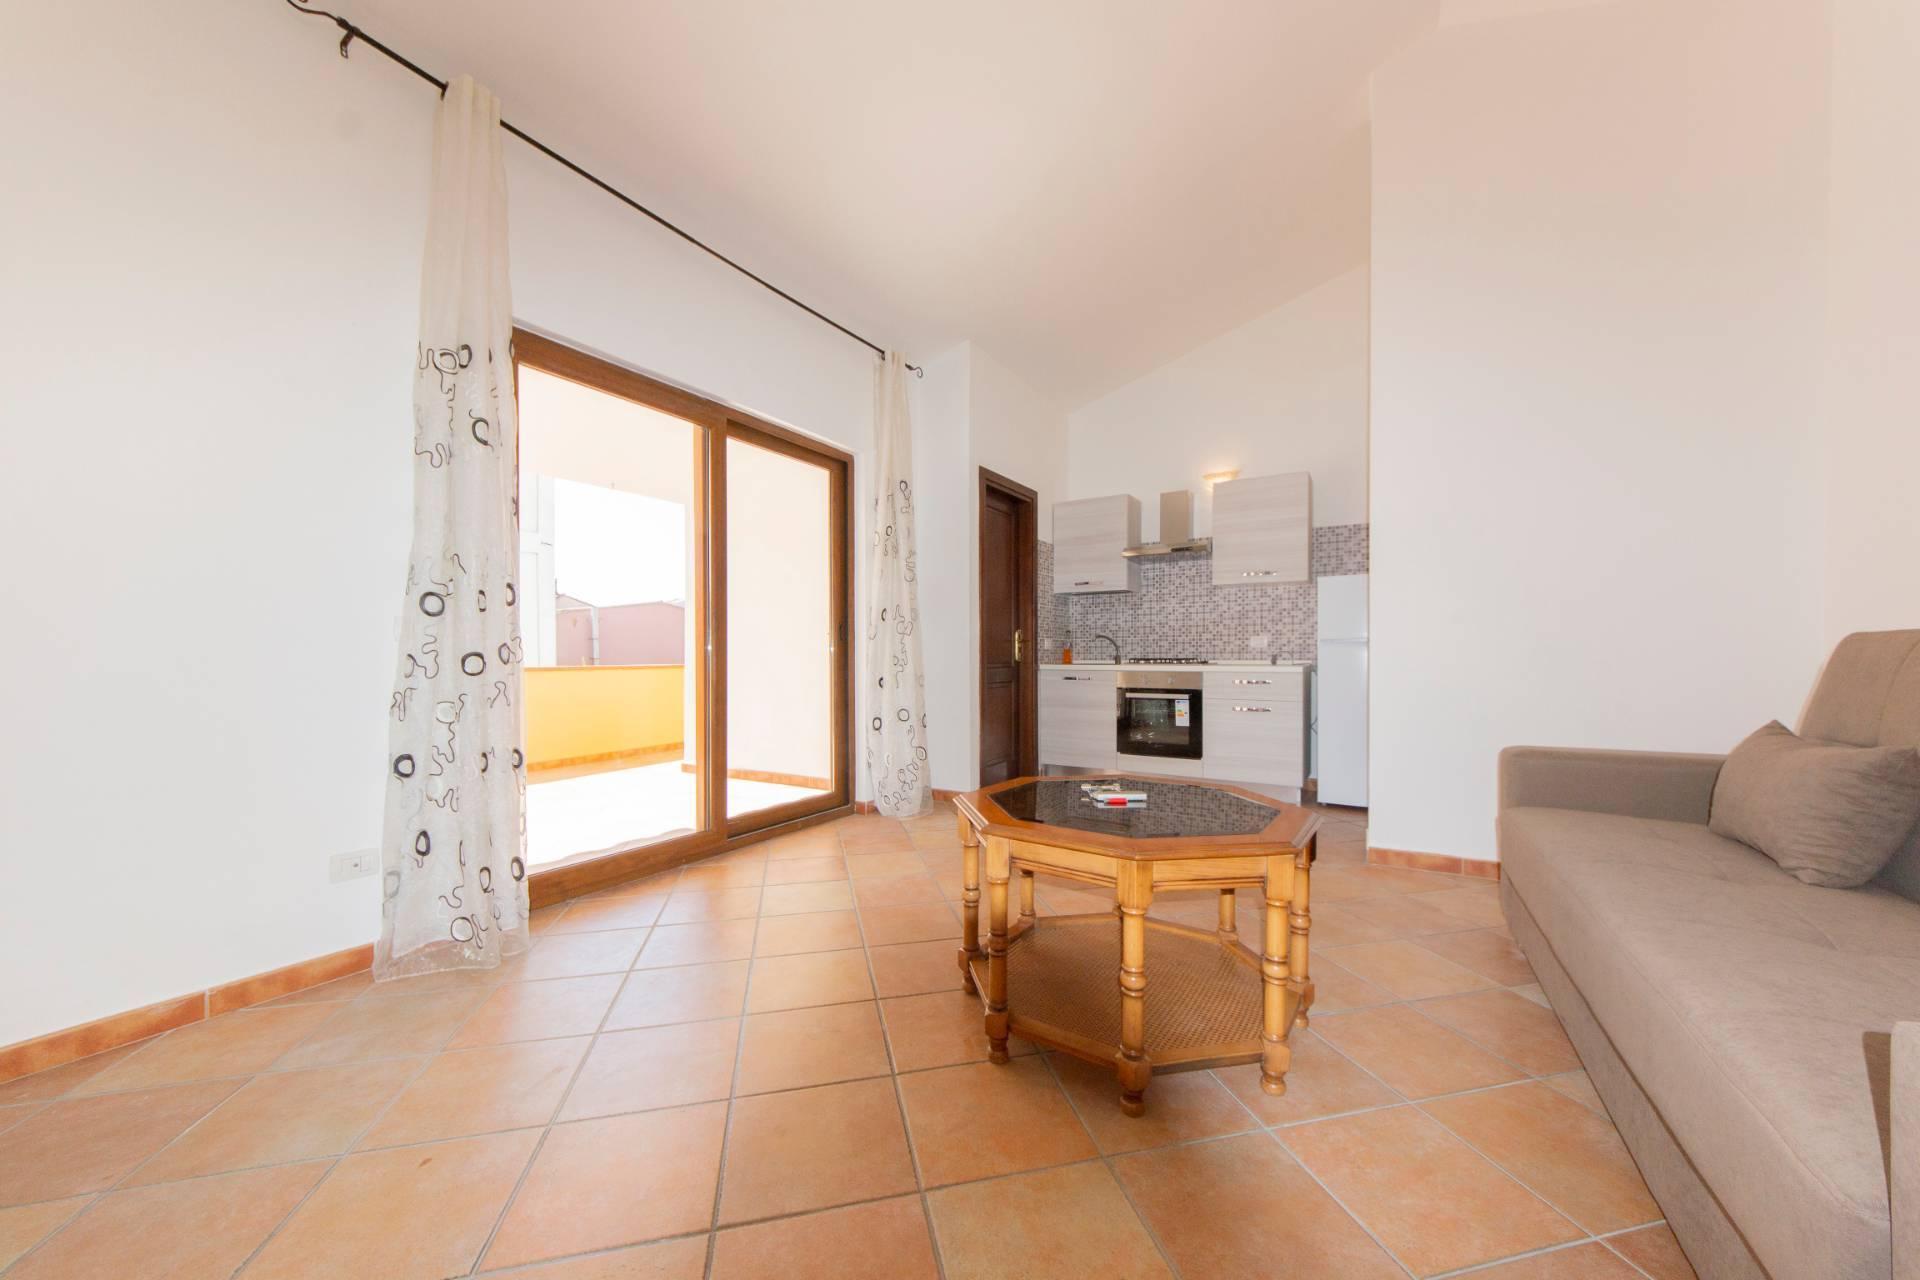 Appartamento in vendita a Olbia - Porto Rotondo, 2 locali, zona Località: ZonaViaVittorioVeneto, prezzo € 113.000   PortaleAgenzieImmobiliari.it